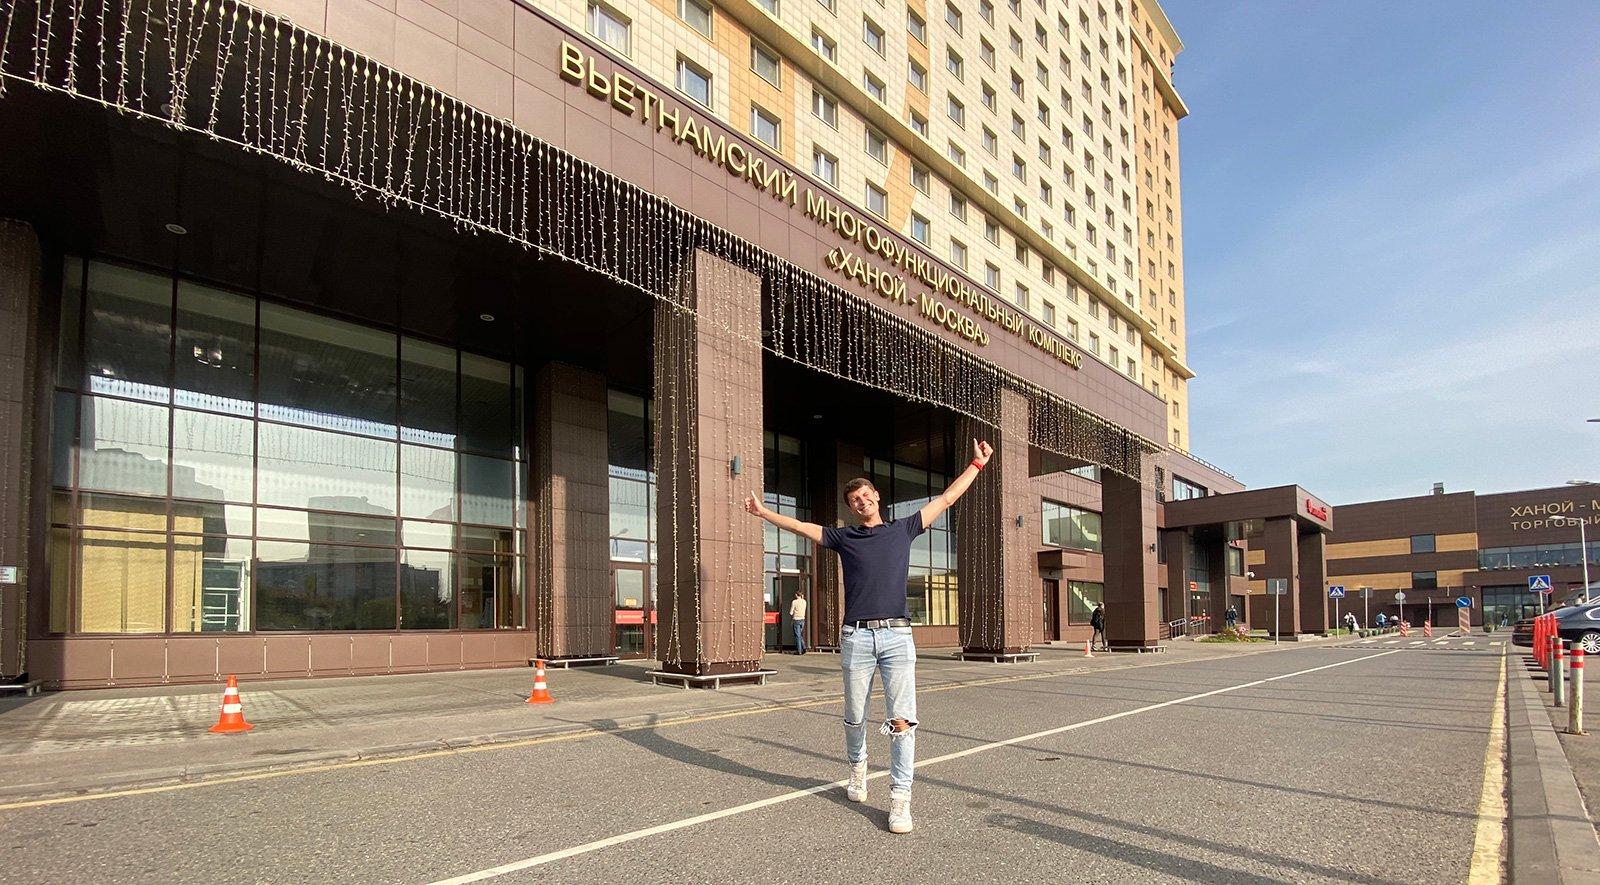 Секретный промокод на бронирование отеля в Москве